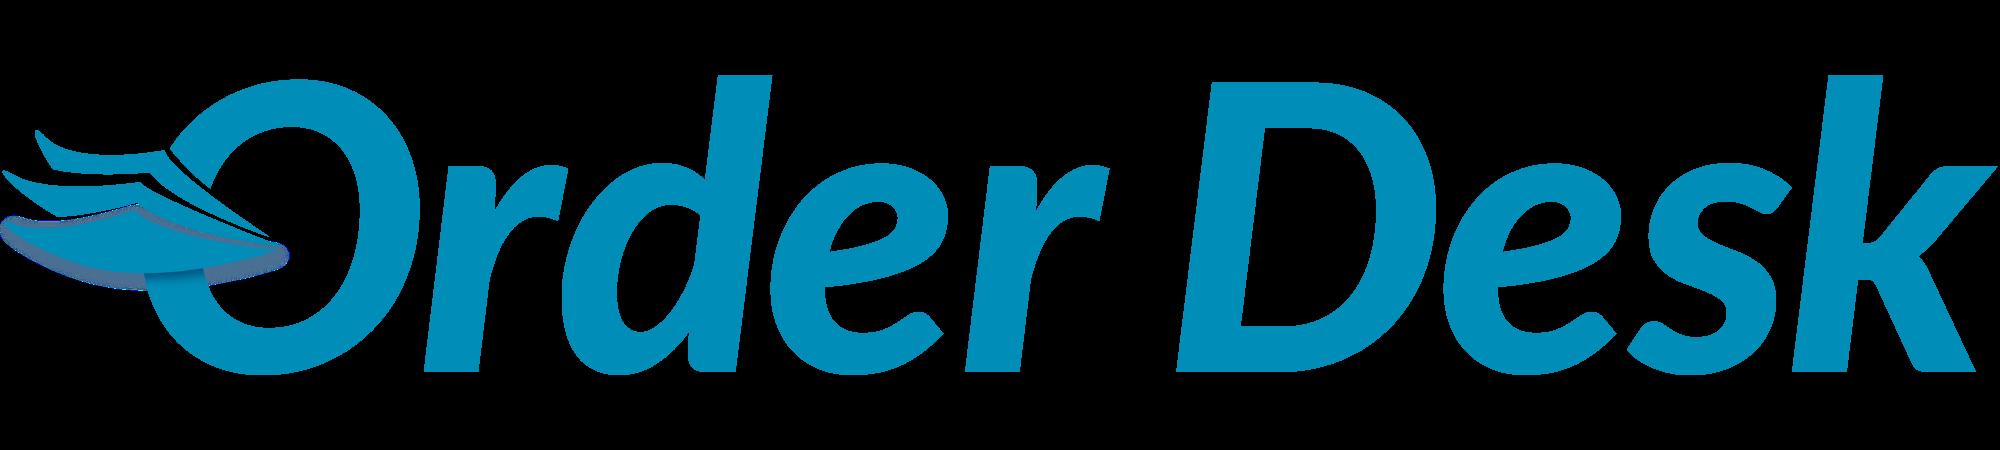 OD-Logo-Lt-Blue.png